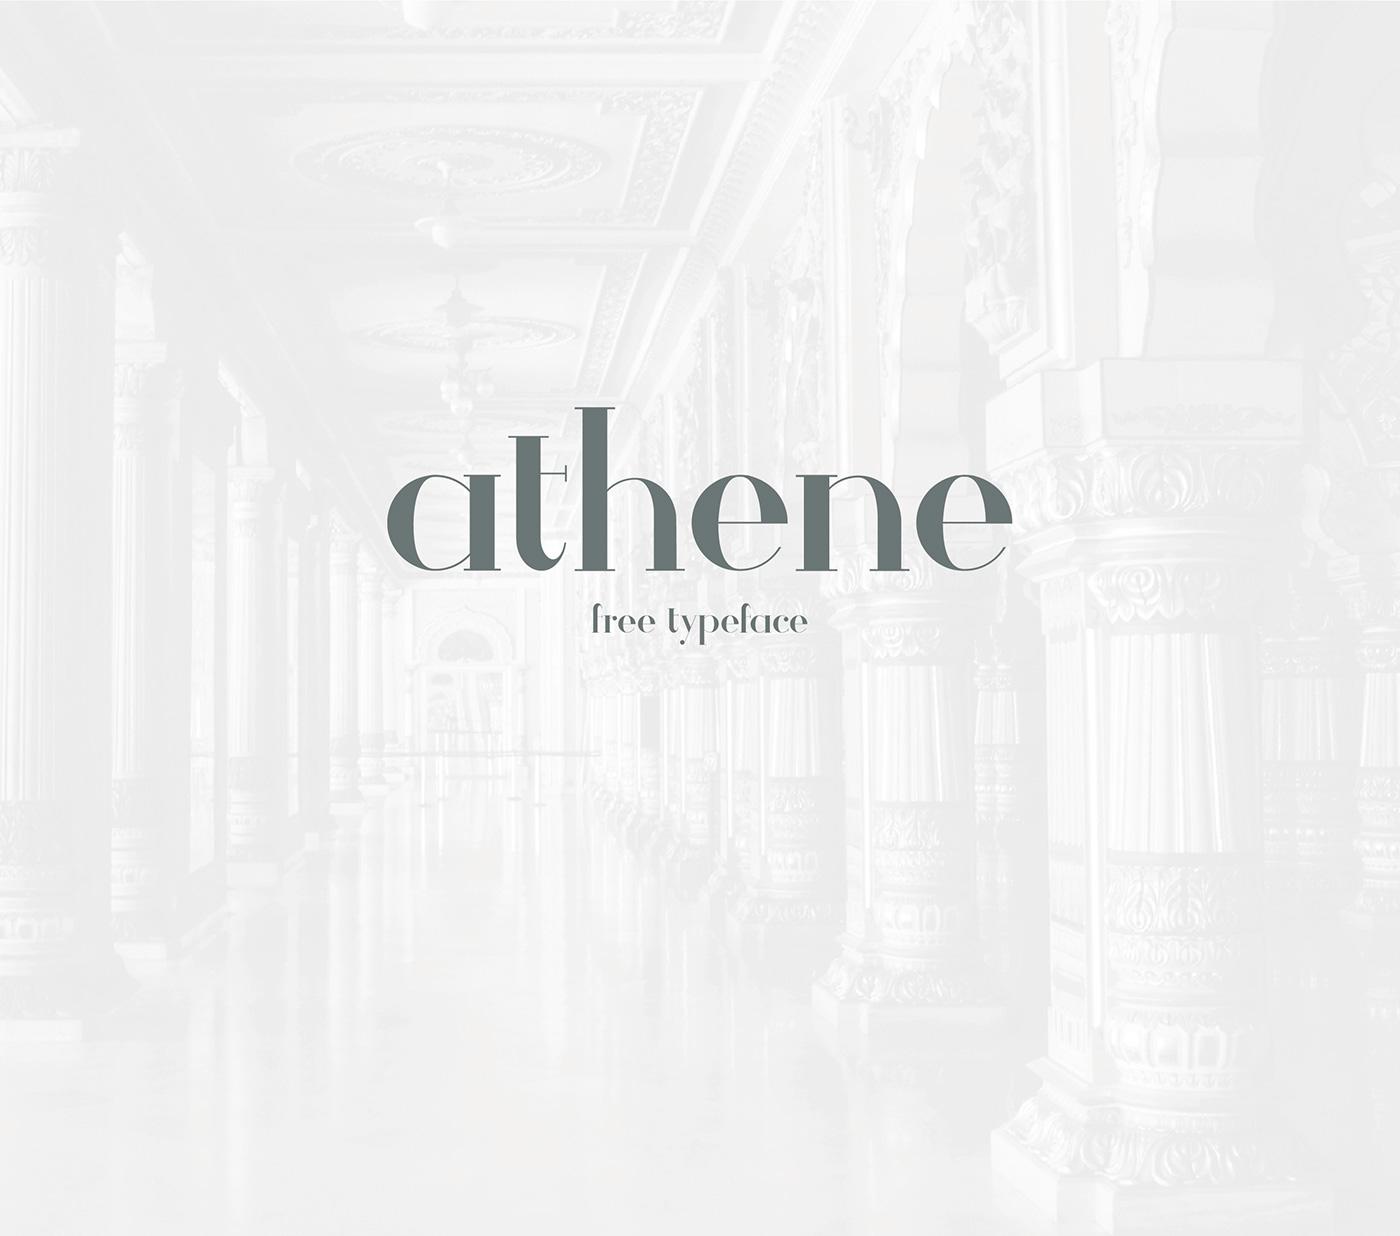 Free Download: Athene Typeface